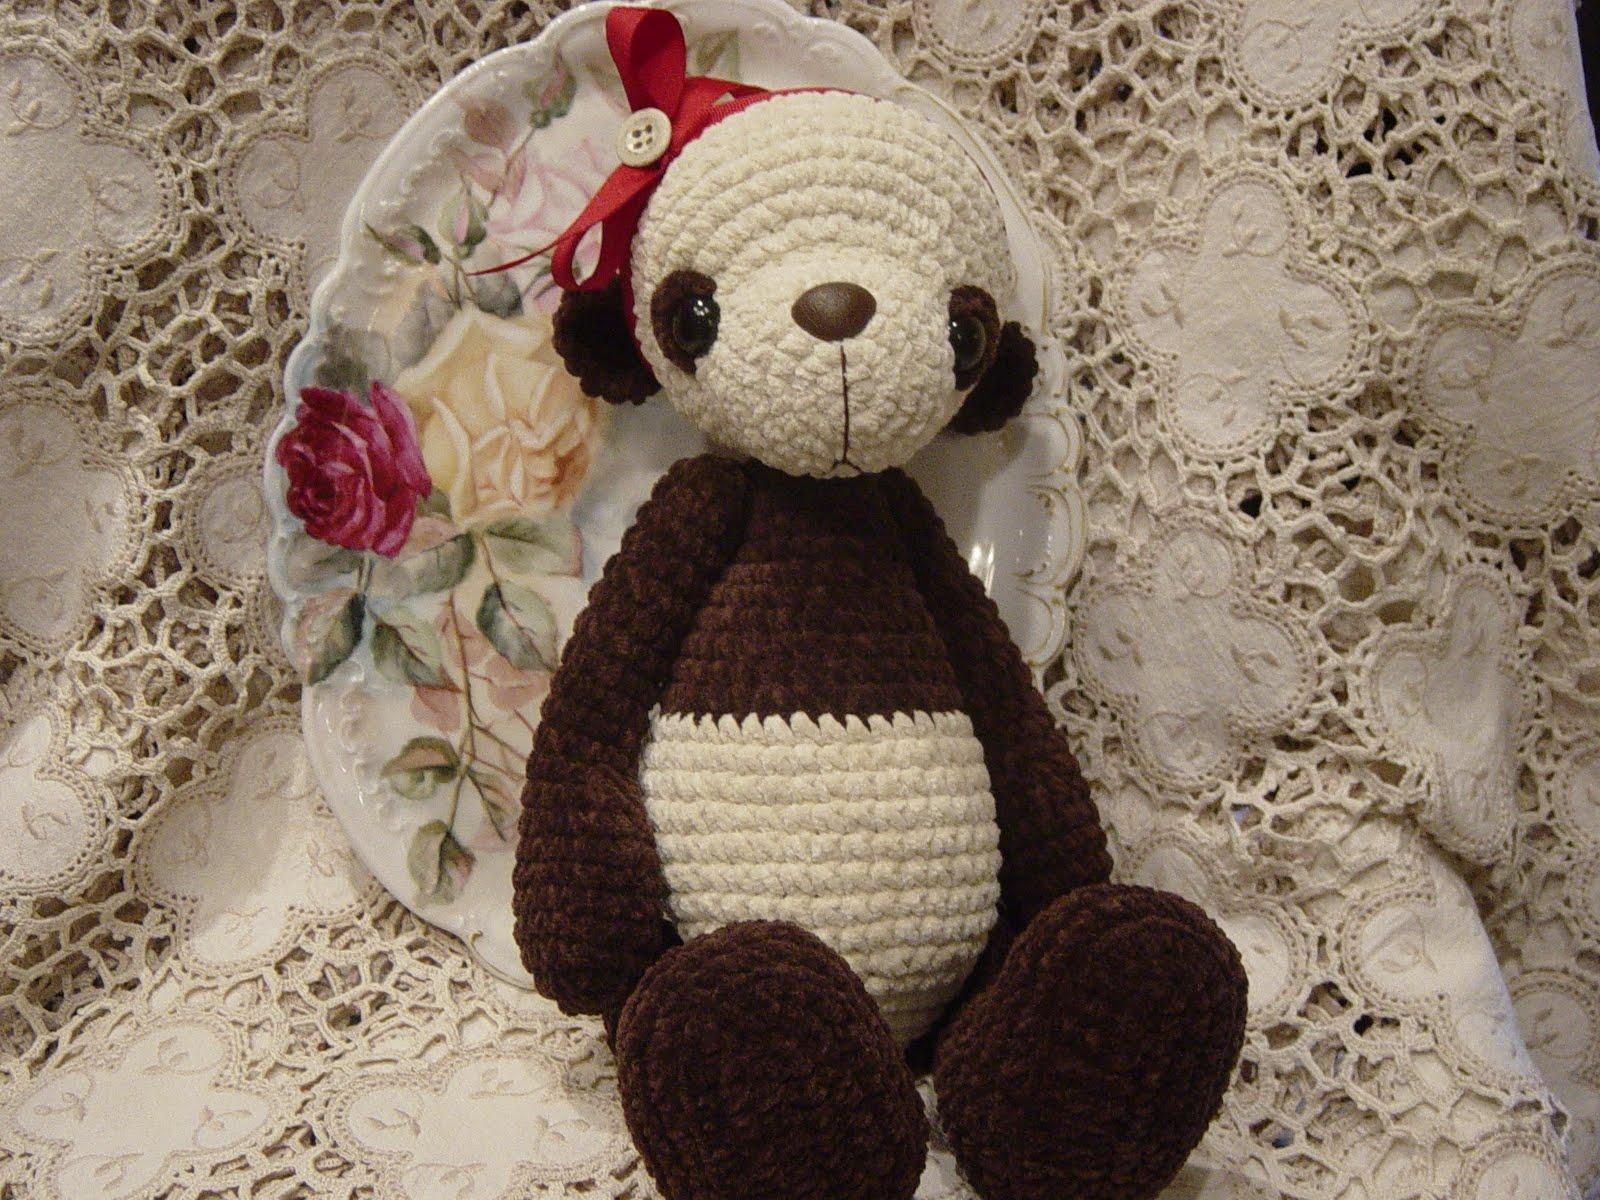 [crochetbear1.php]